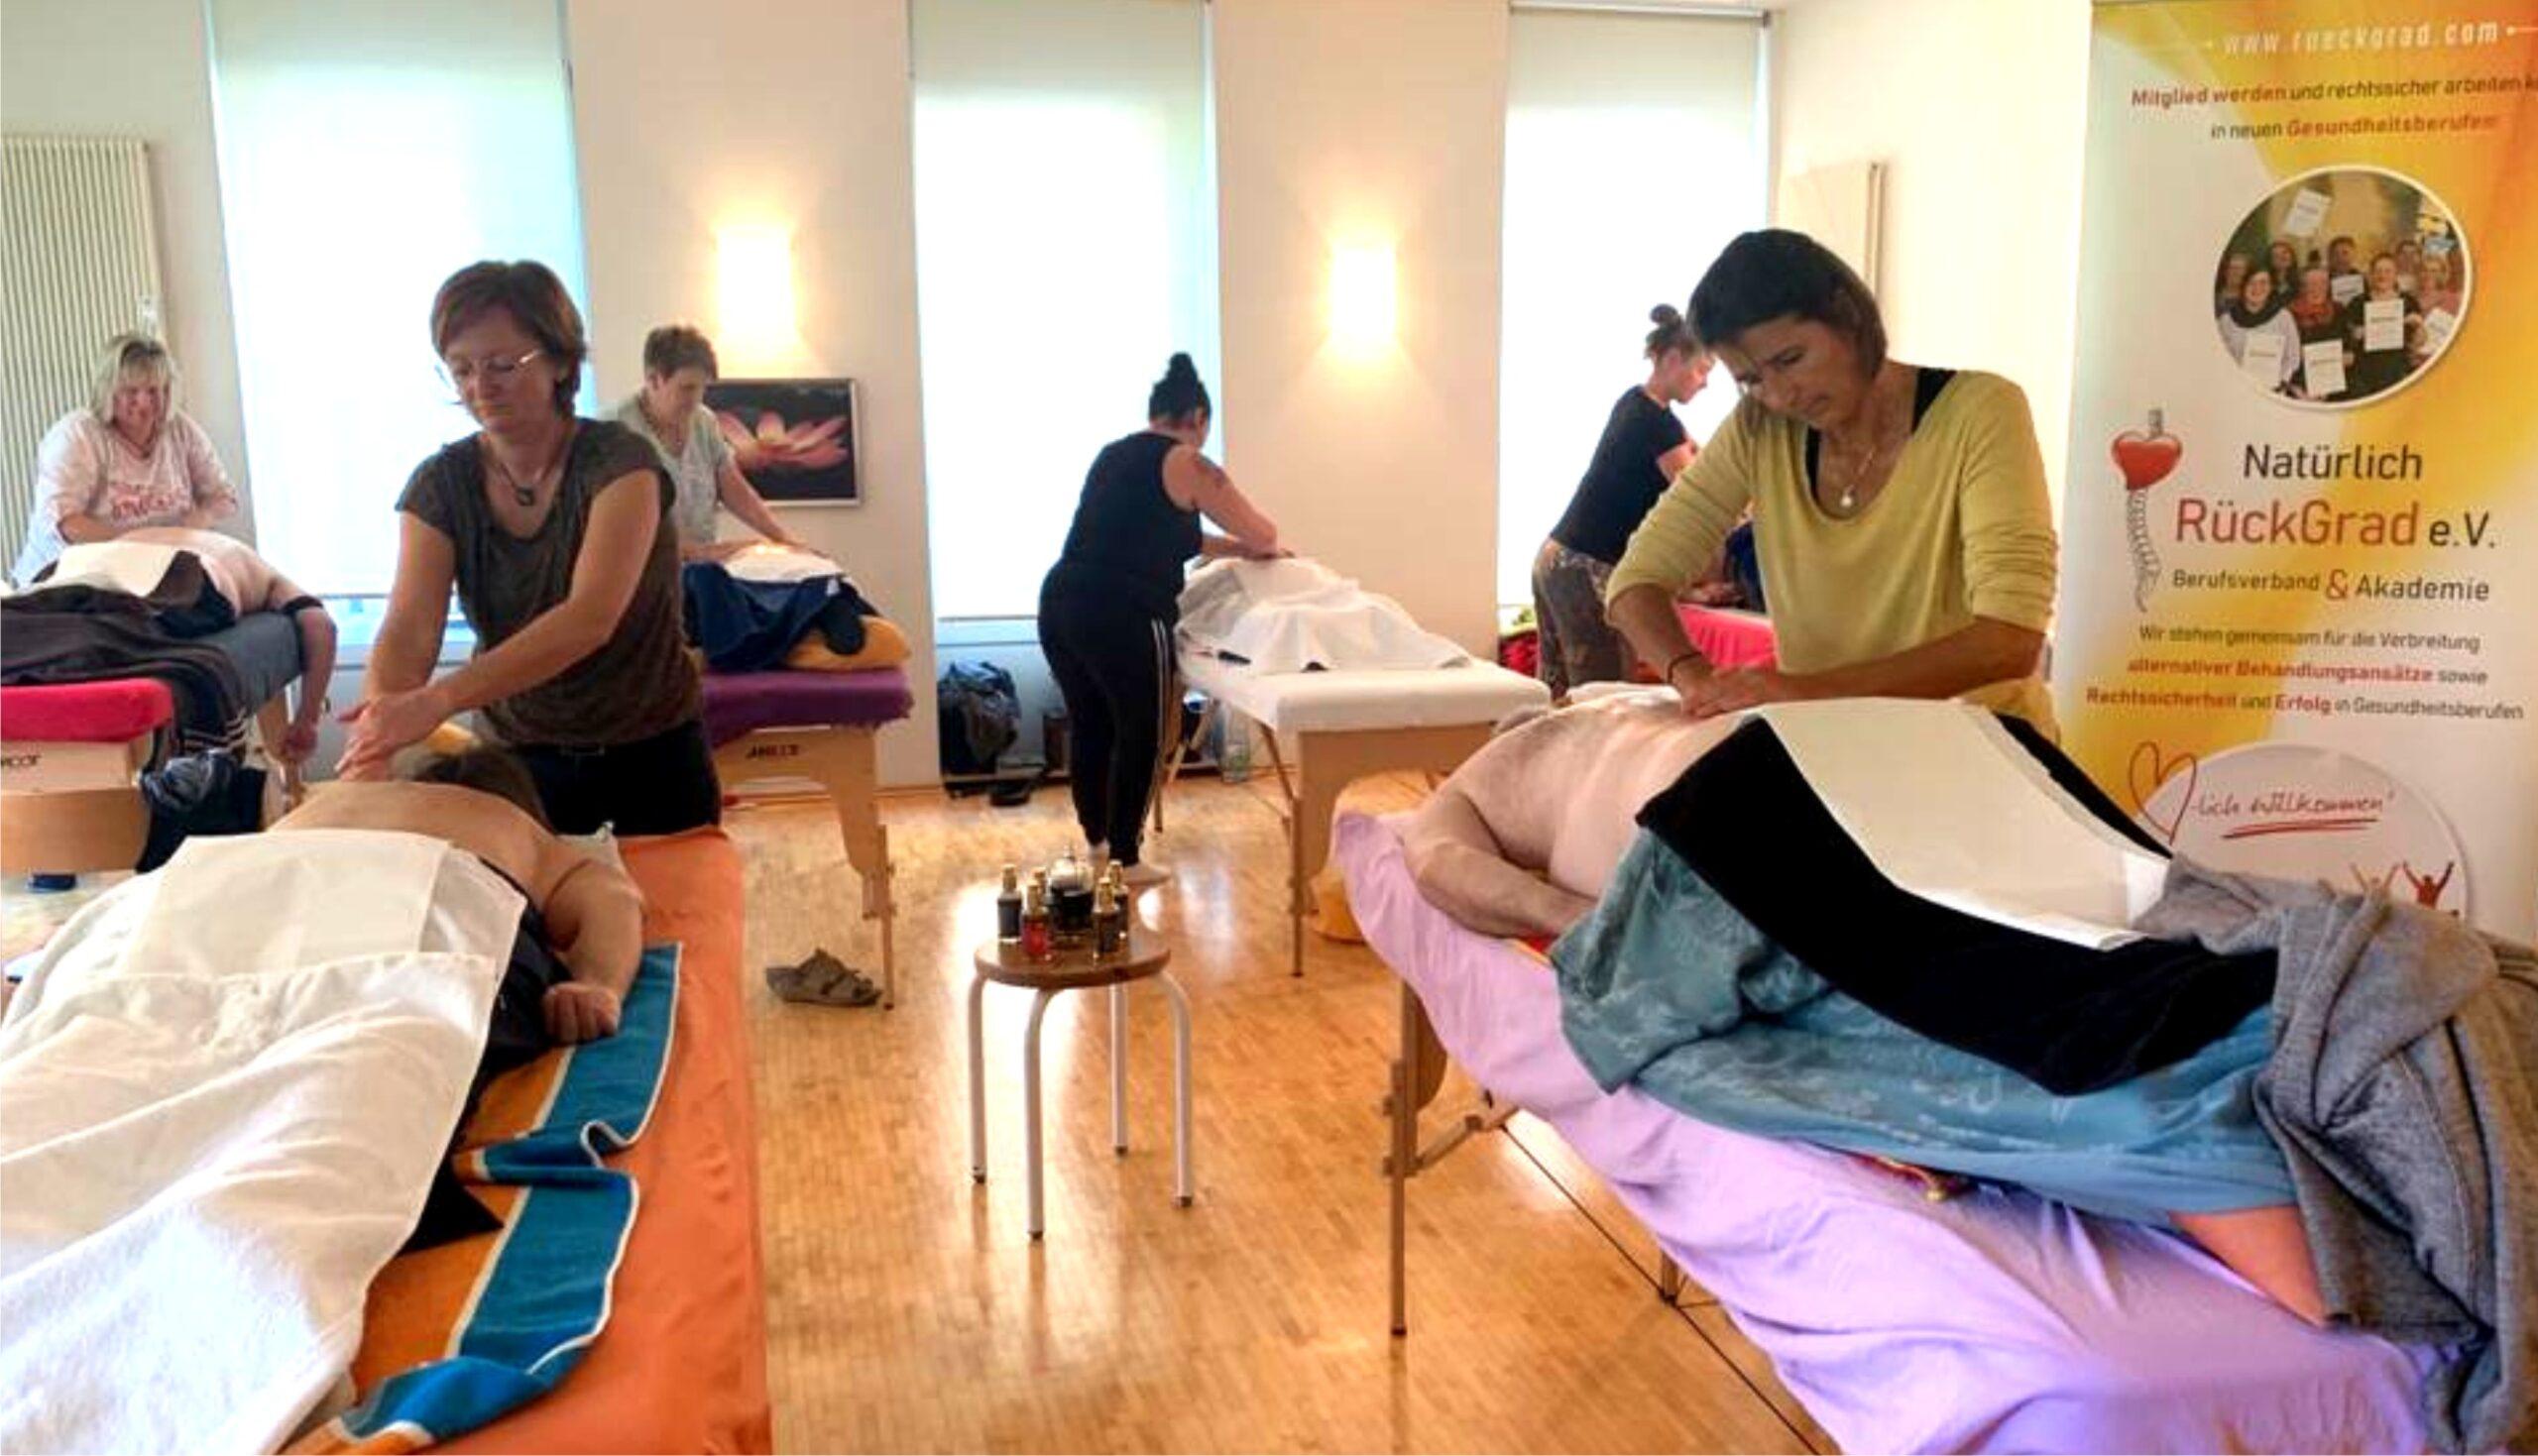 Gesundheitsberater für Rücken, Füße & Gelenke in Suhl 7